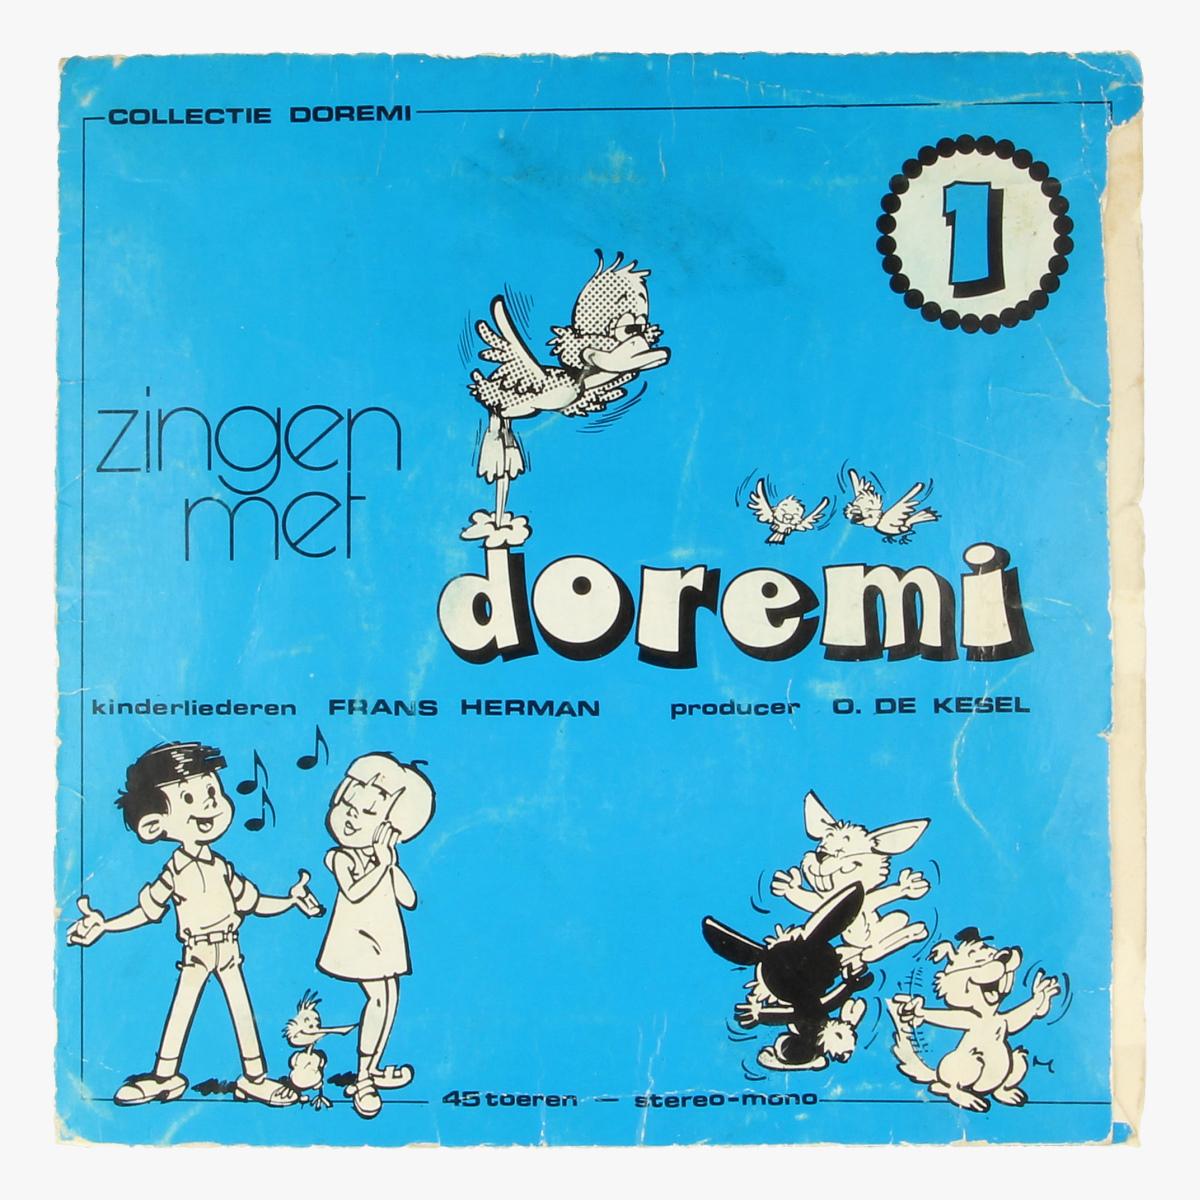 Afbeeldingen van Doremi Kinderliederen LP 45 toeren